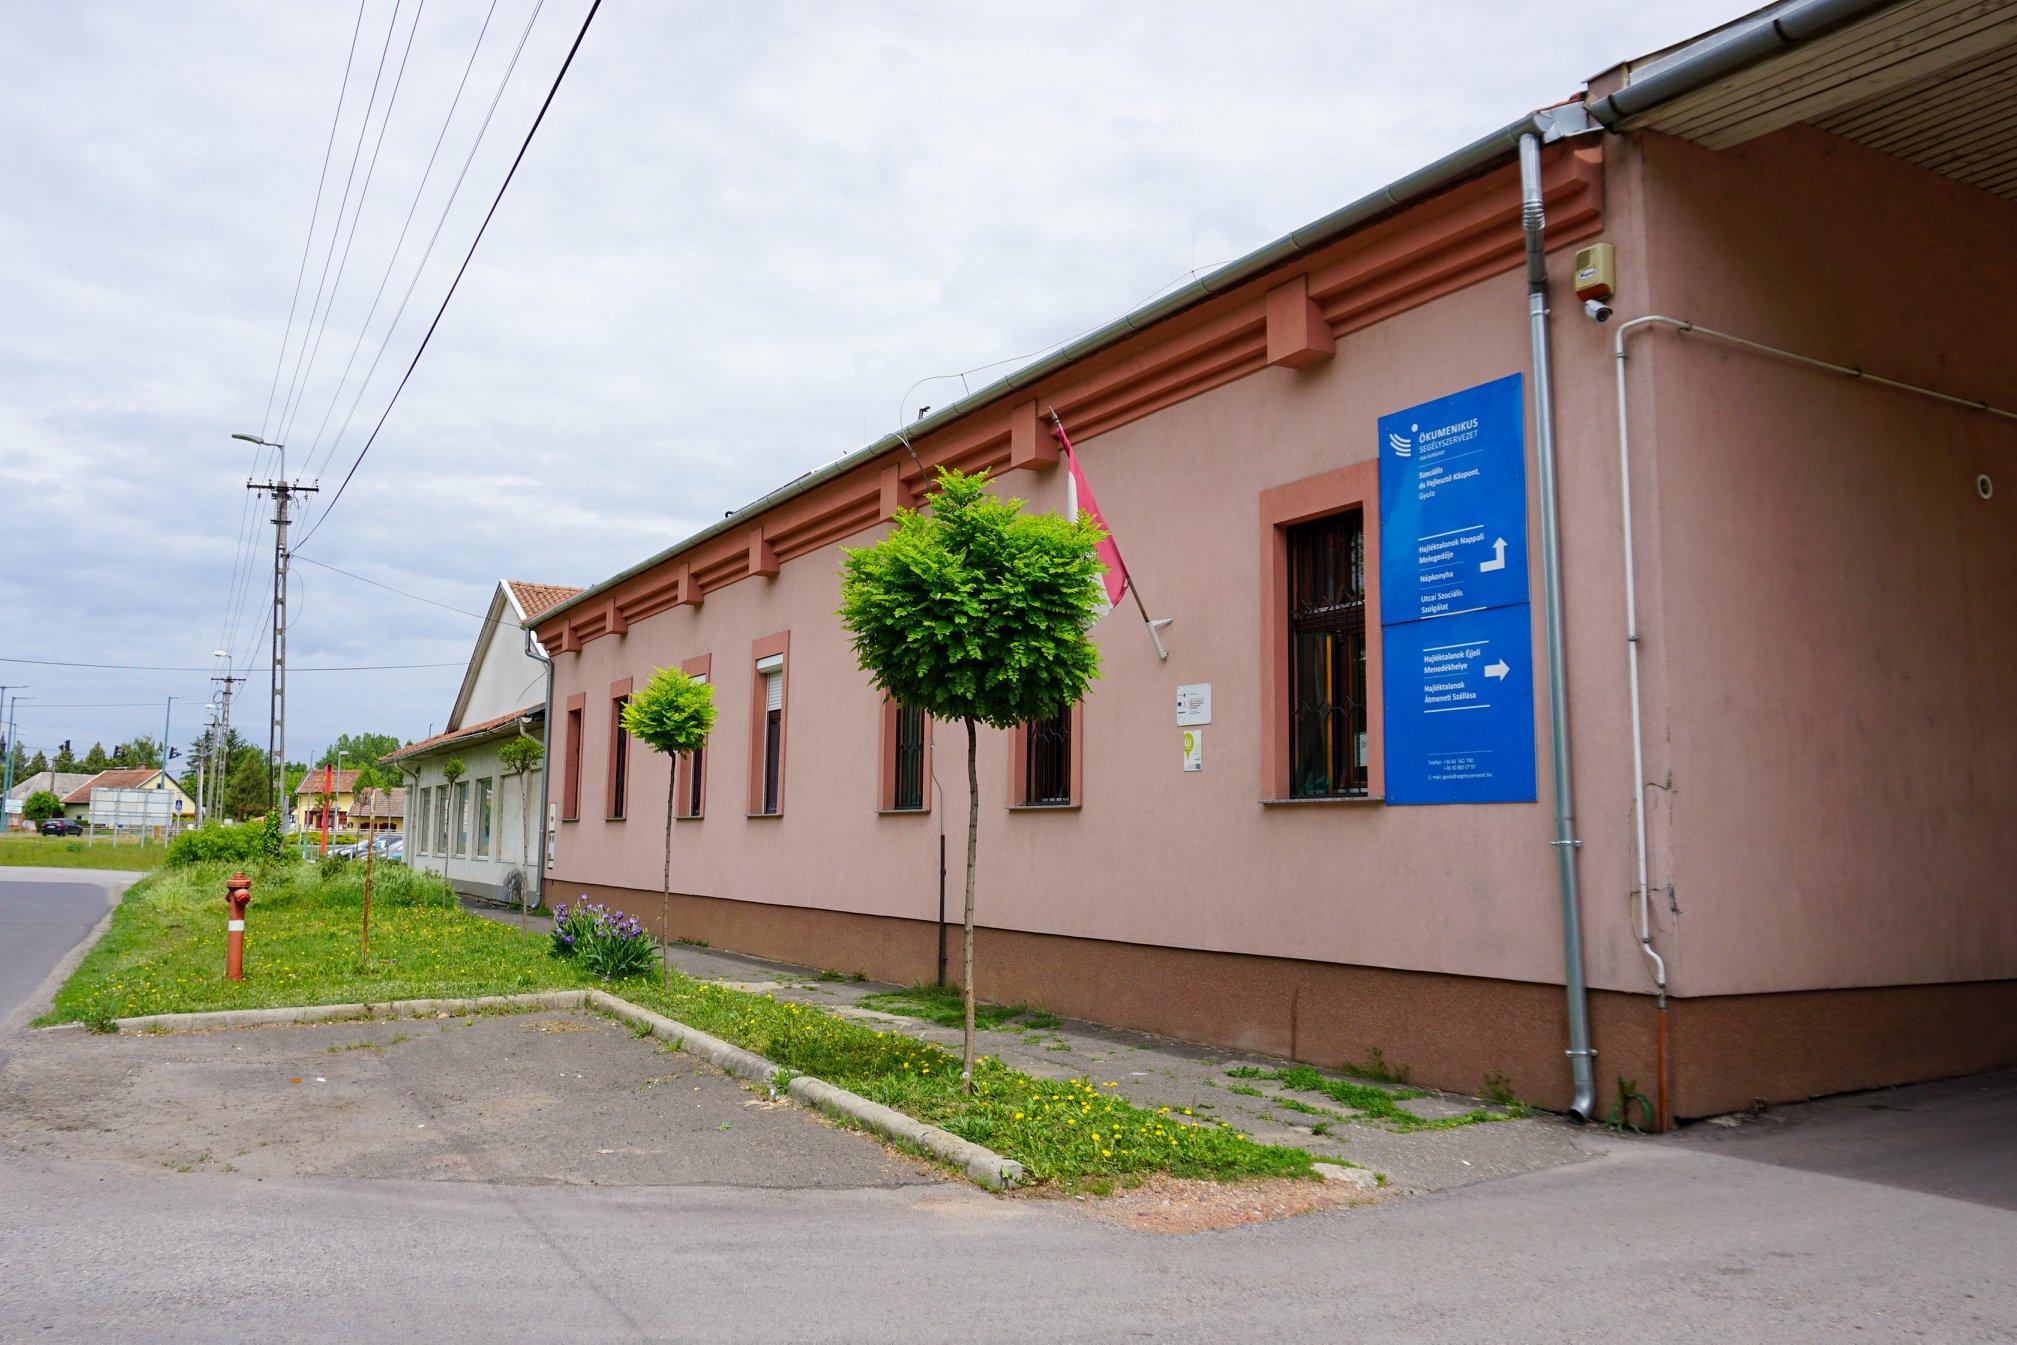 Hetvenhatmillió forintból fejlesztették a hajléktalanszállót Gyulán